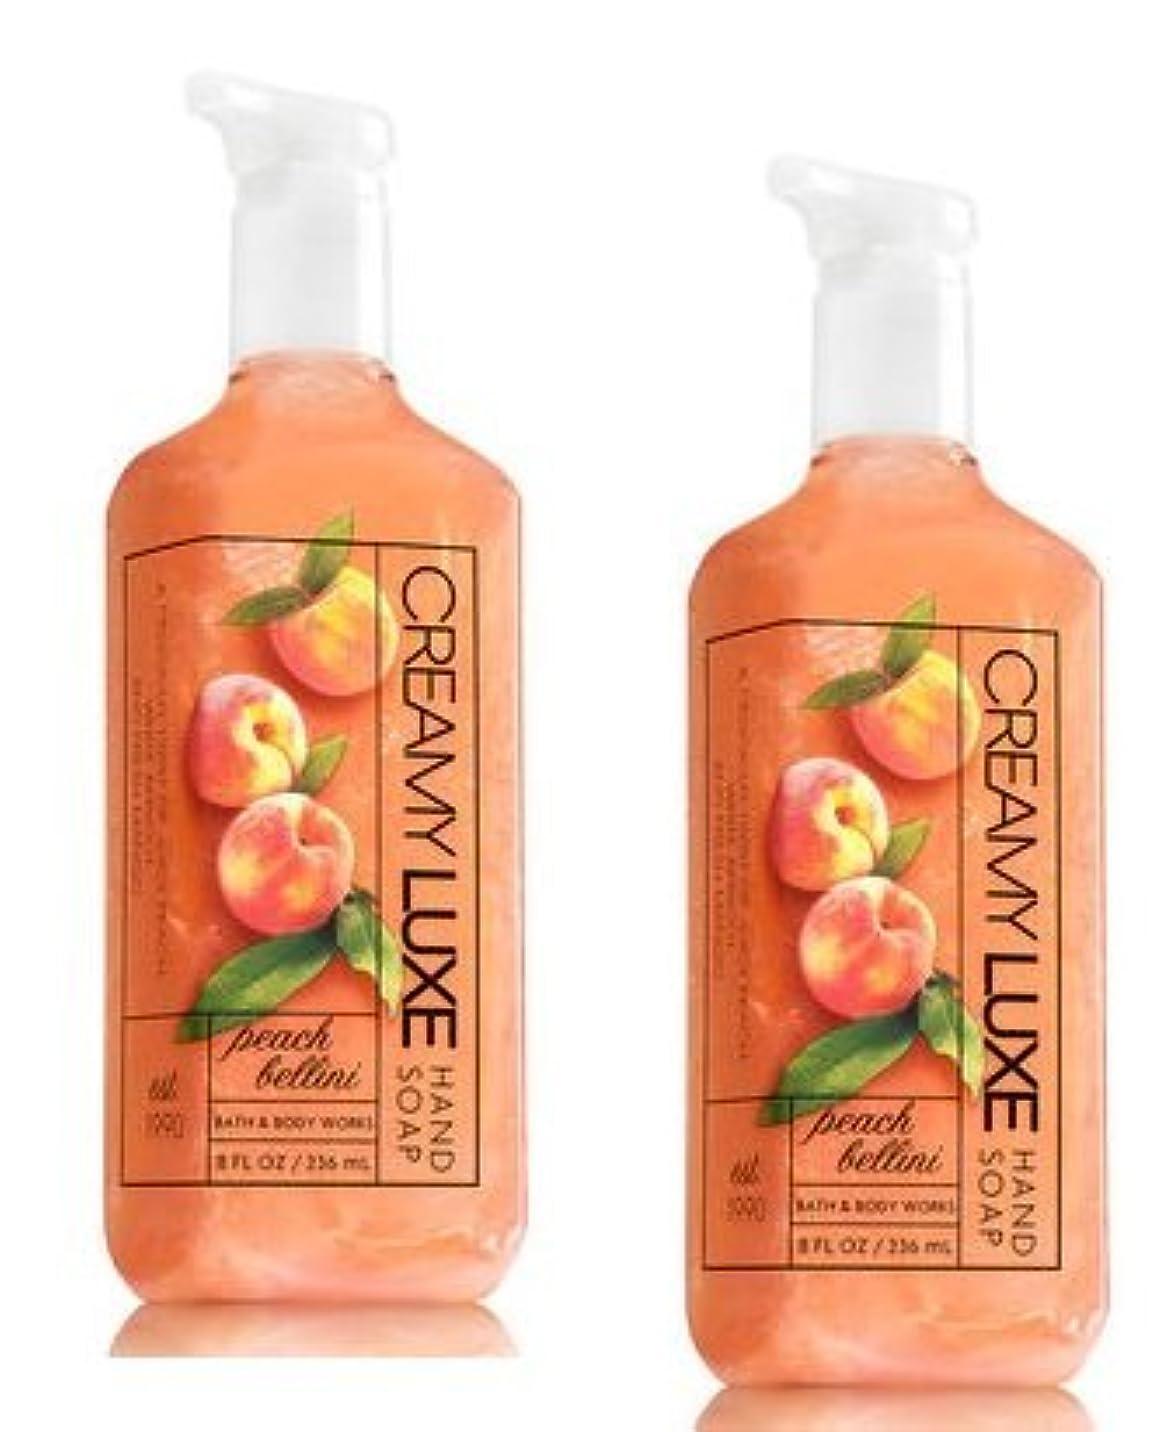 接尾辞まで規範Bath & Body Works ピーチベリーニ クリーミー リュクス ハンドソープ 2本セット PEACH BELLINI Creamy Luxe Hand Soap. 8 oz 236ml [並行輸入品]